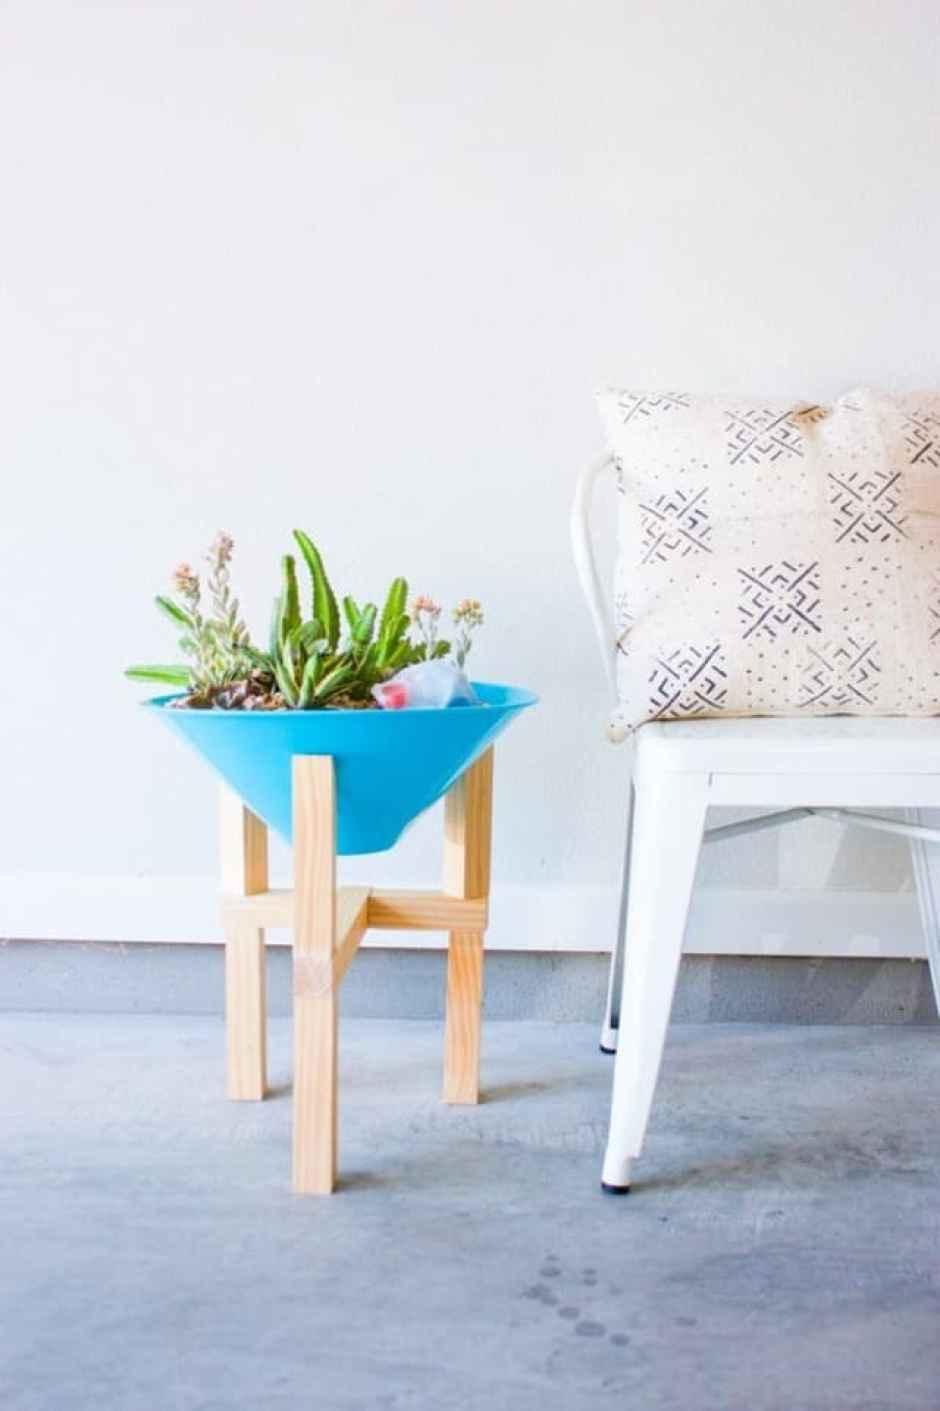 Supporto in legno per il vaso delle piante